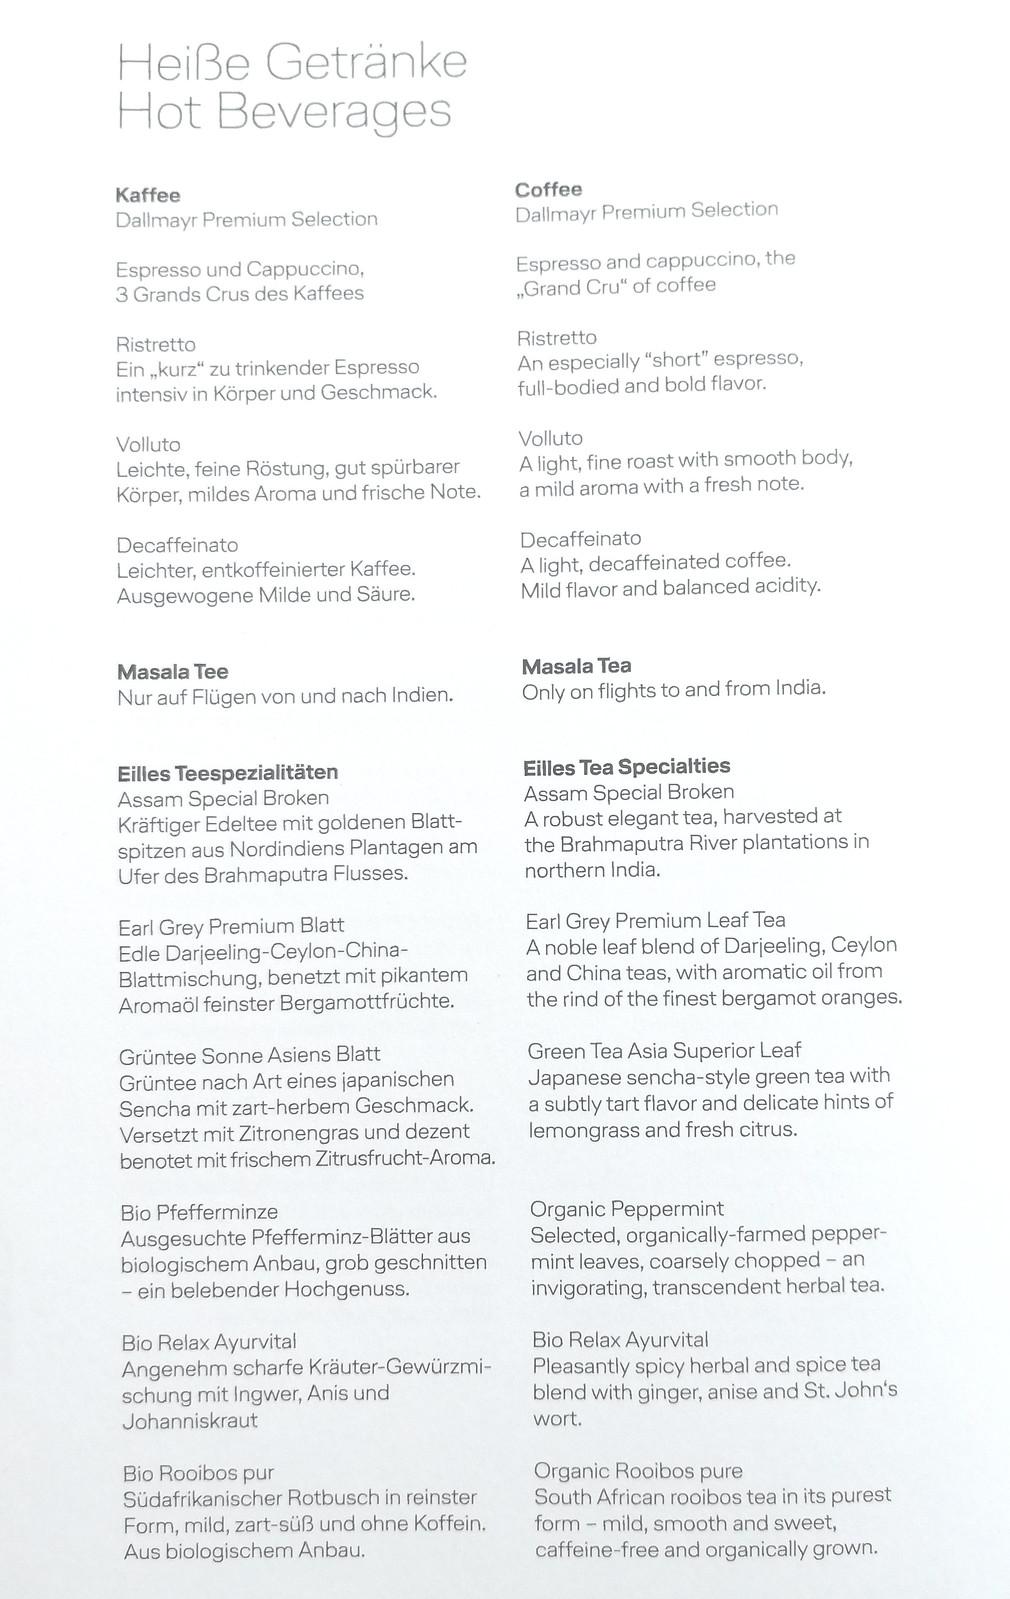 Hot beverage list